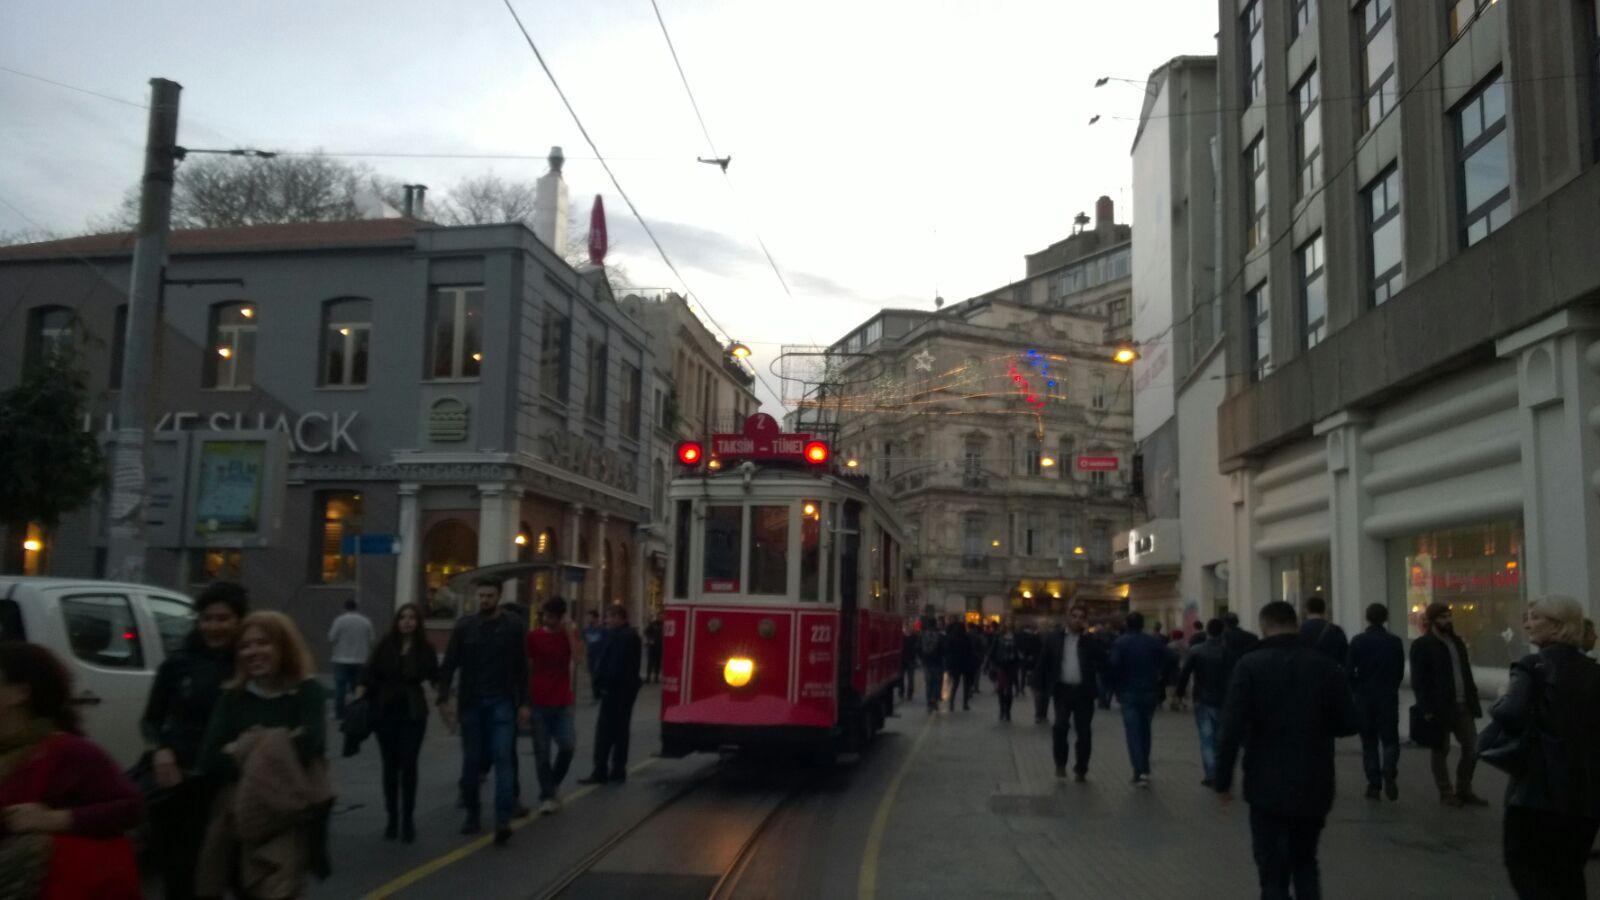 Man hätte natürlich auch die historische Straßenbahn nehmen können ... ?